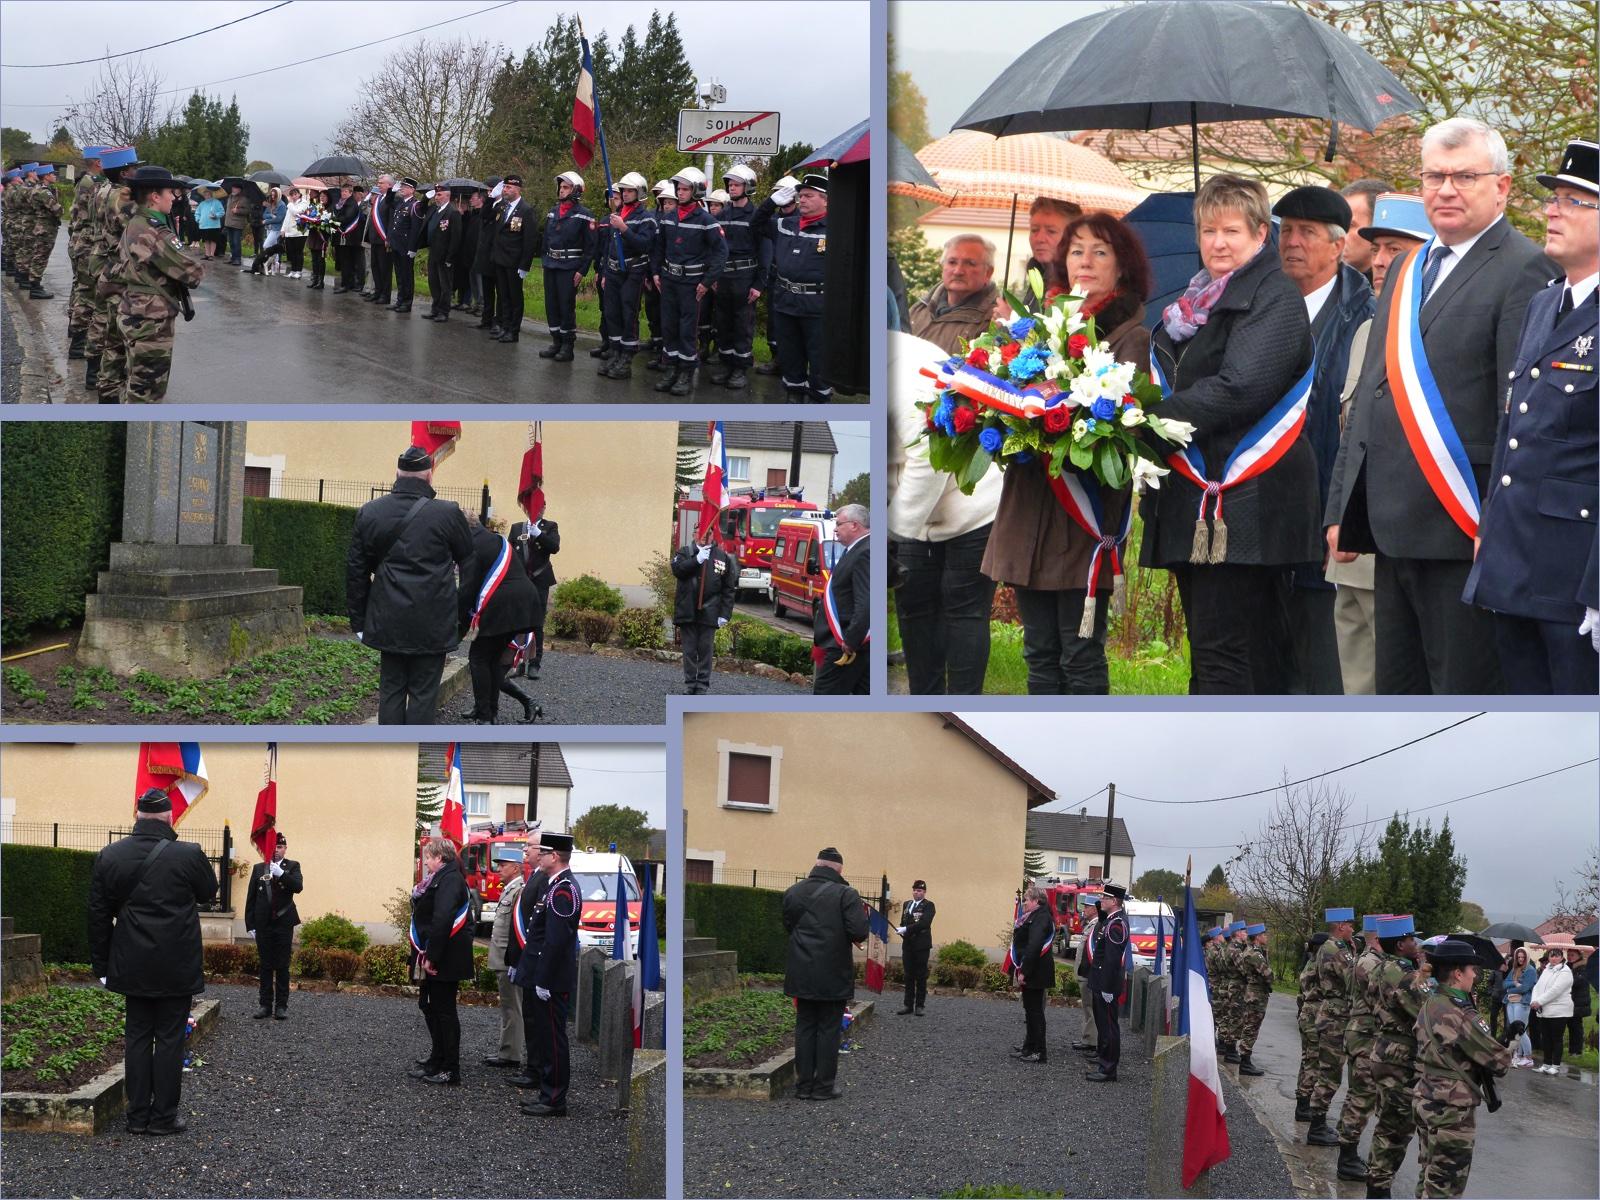 11 novembre 2017, cérémonie dans le hameau de Soilly à Dormans